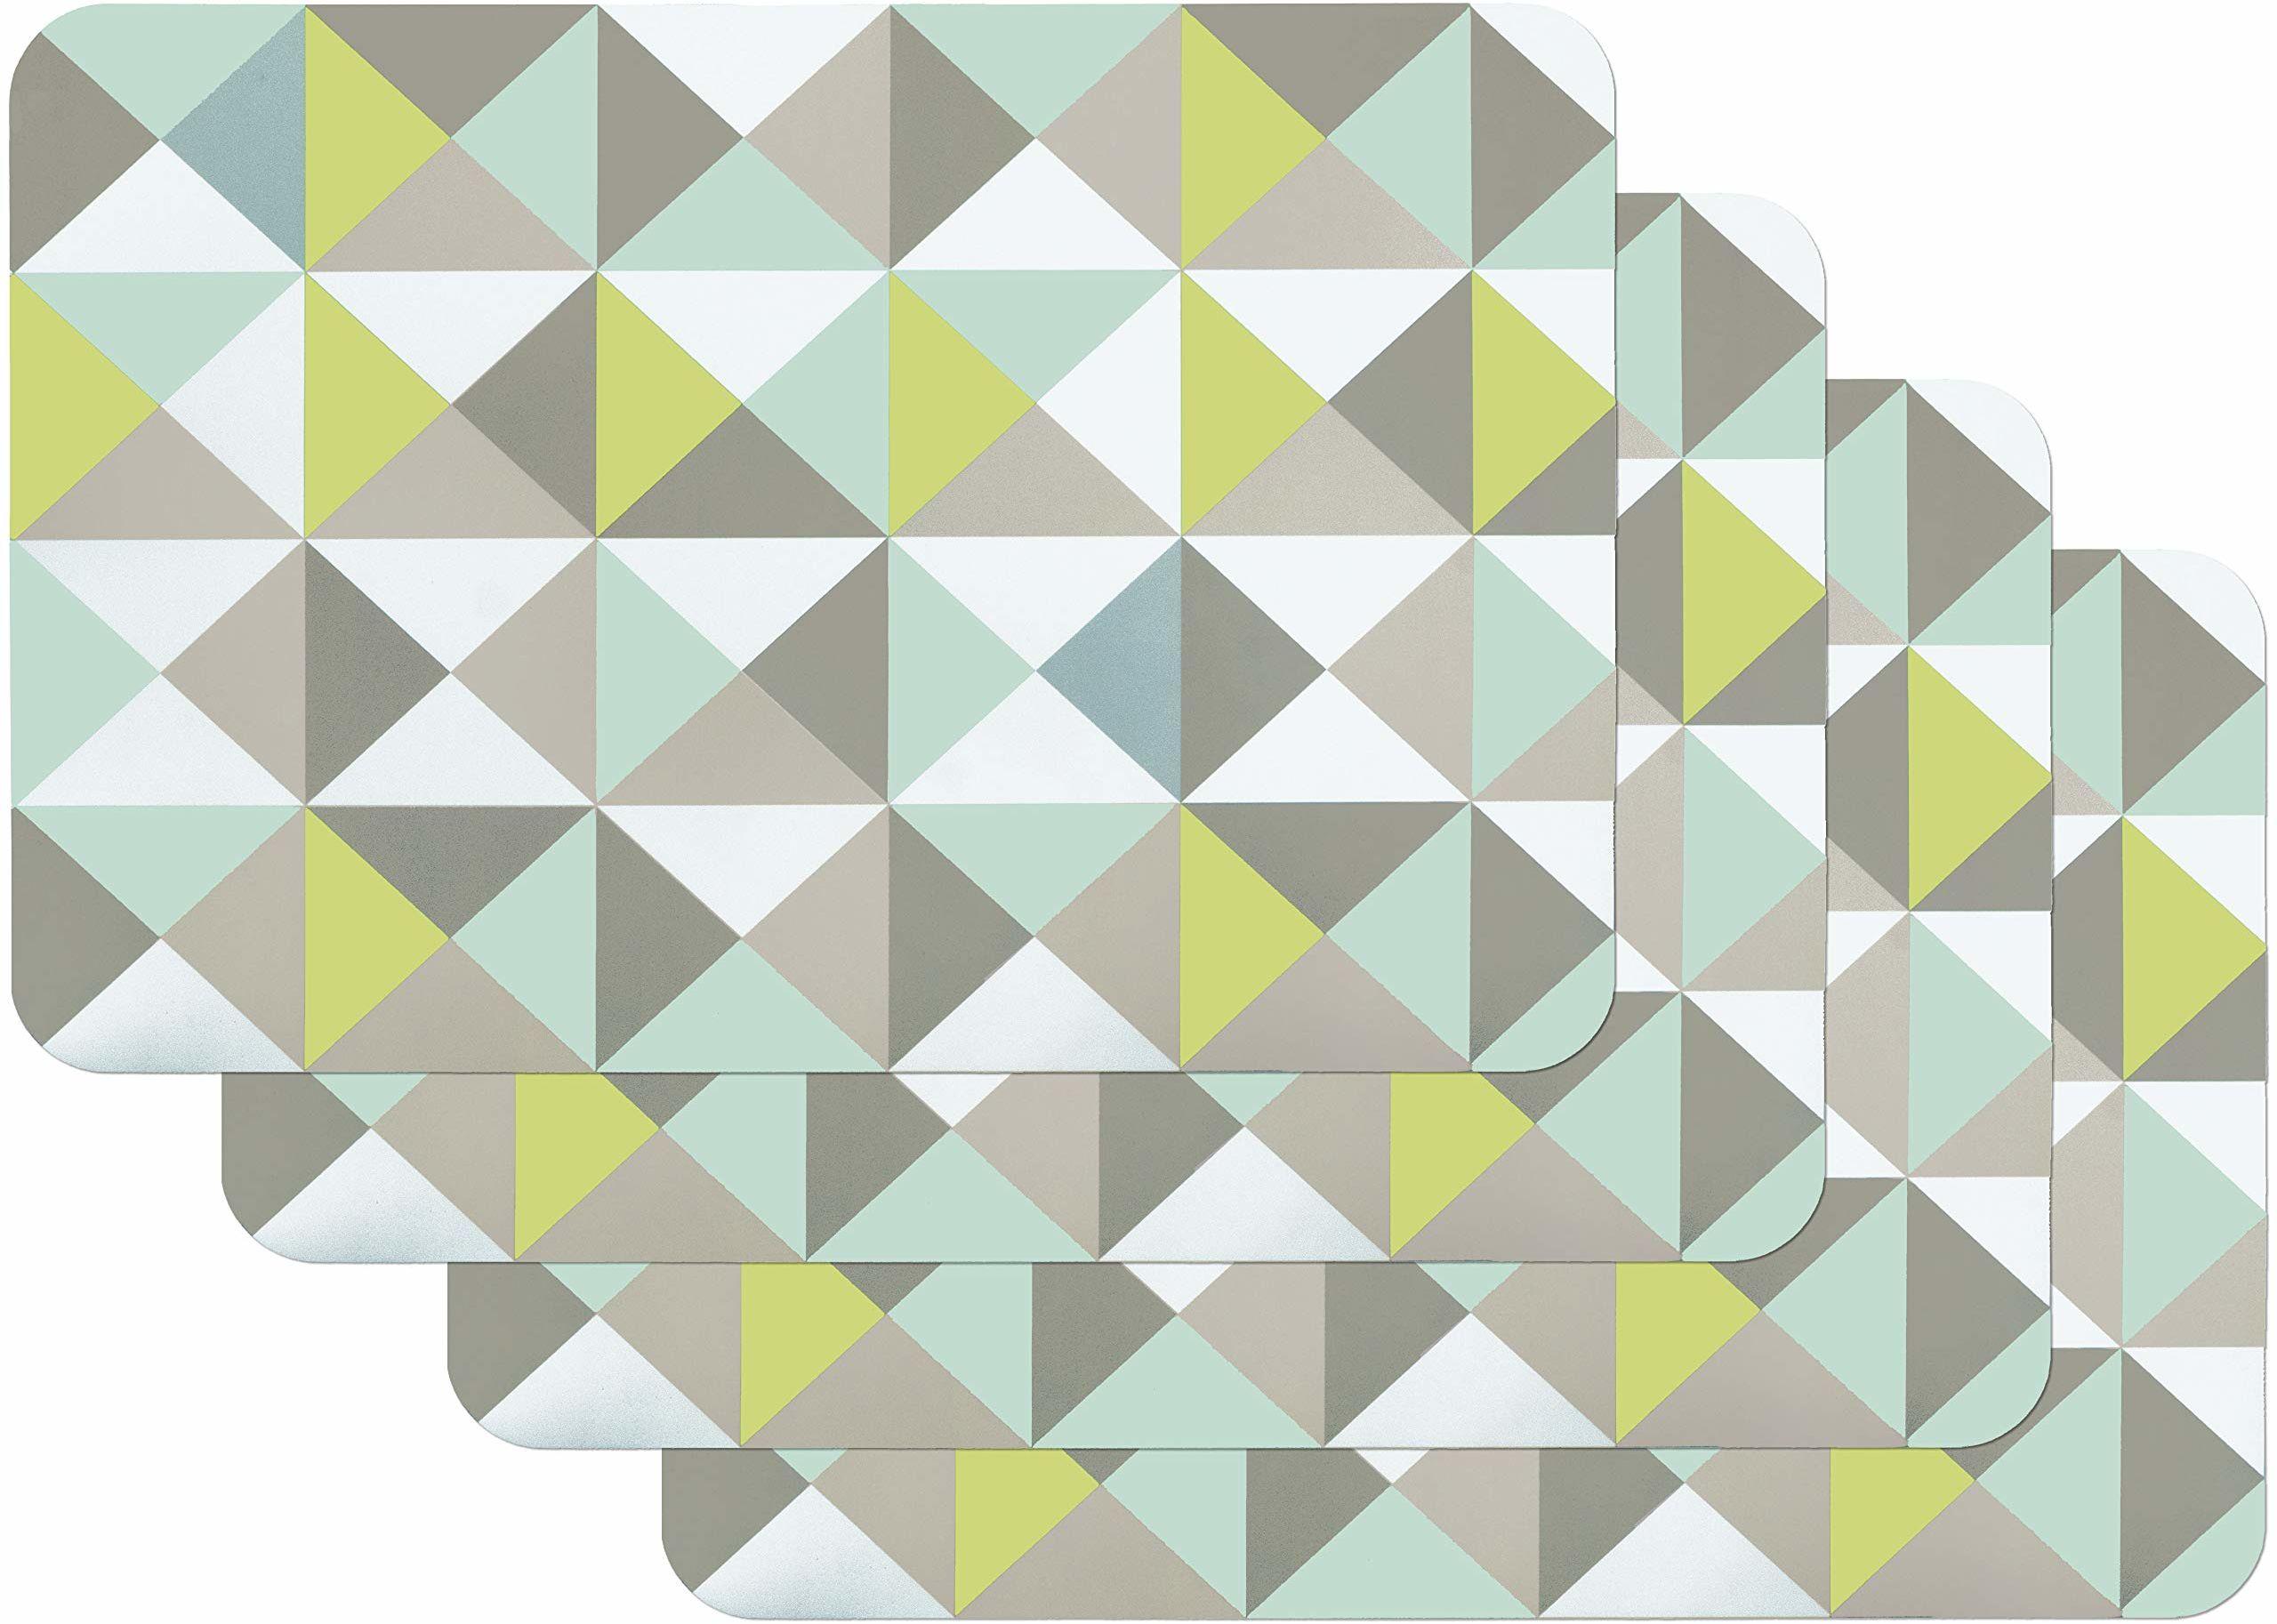 Venilia Triangle Mint 59044, 59044, zestaw podkładek stołowych do jadalni, kolor zielony, trójkątny, wzór vintage, 4 sztuki, z polipropylenu